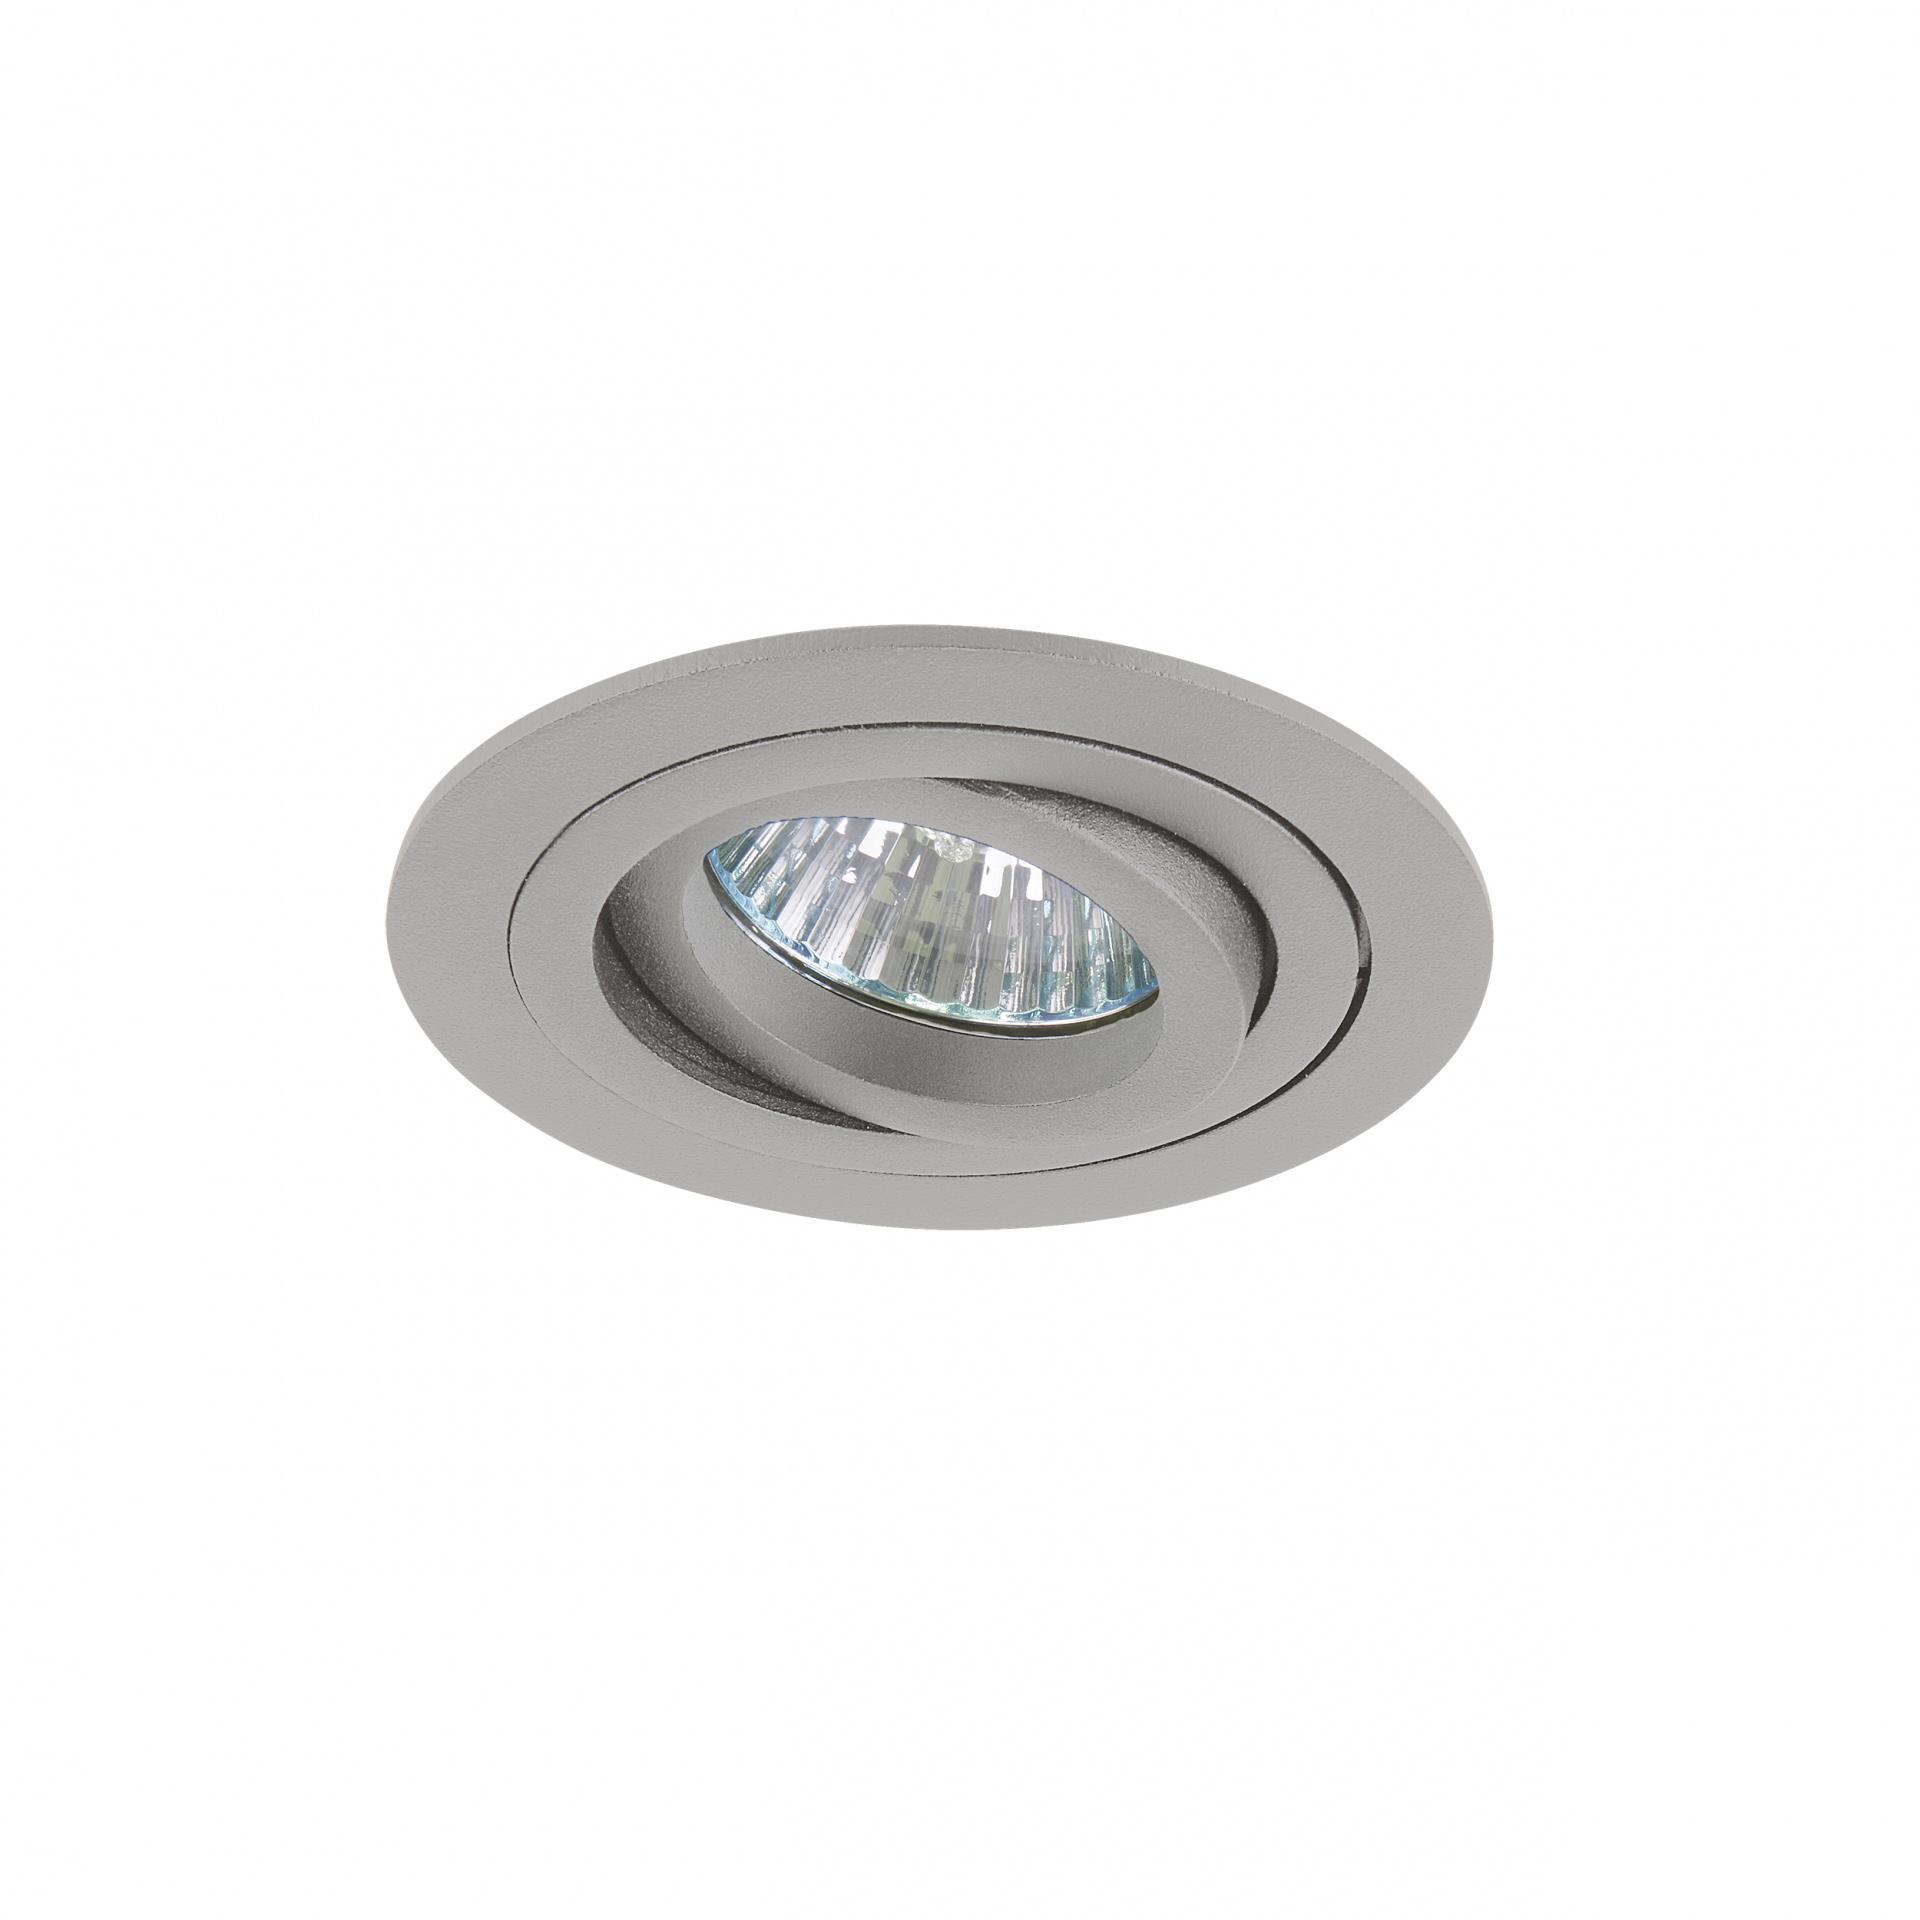 Светильник Intero 16 HP16 серый Lightstar 214219, купить в СПб, Москве, с доставкой, Санкт-Петербург, интернет-магазин люстр и светильников Starlight, фото в жизни